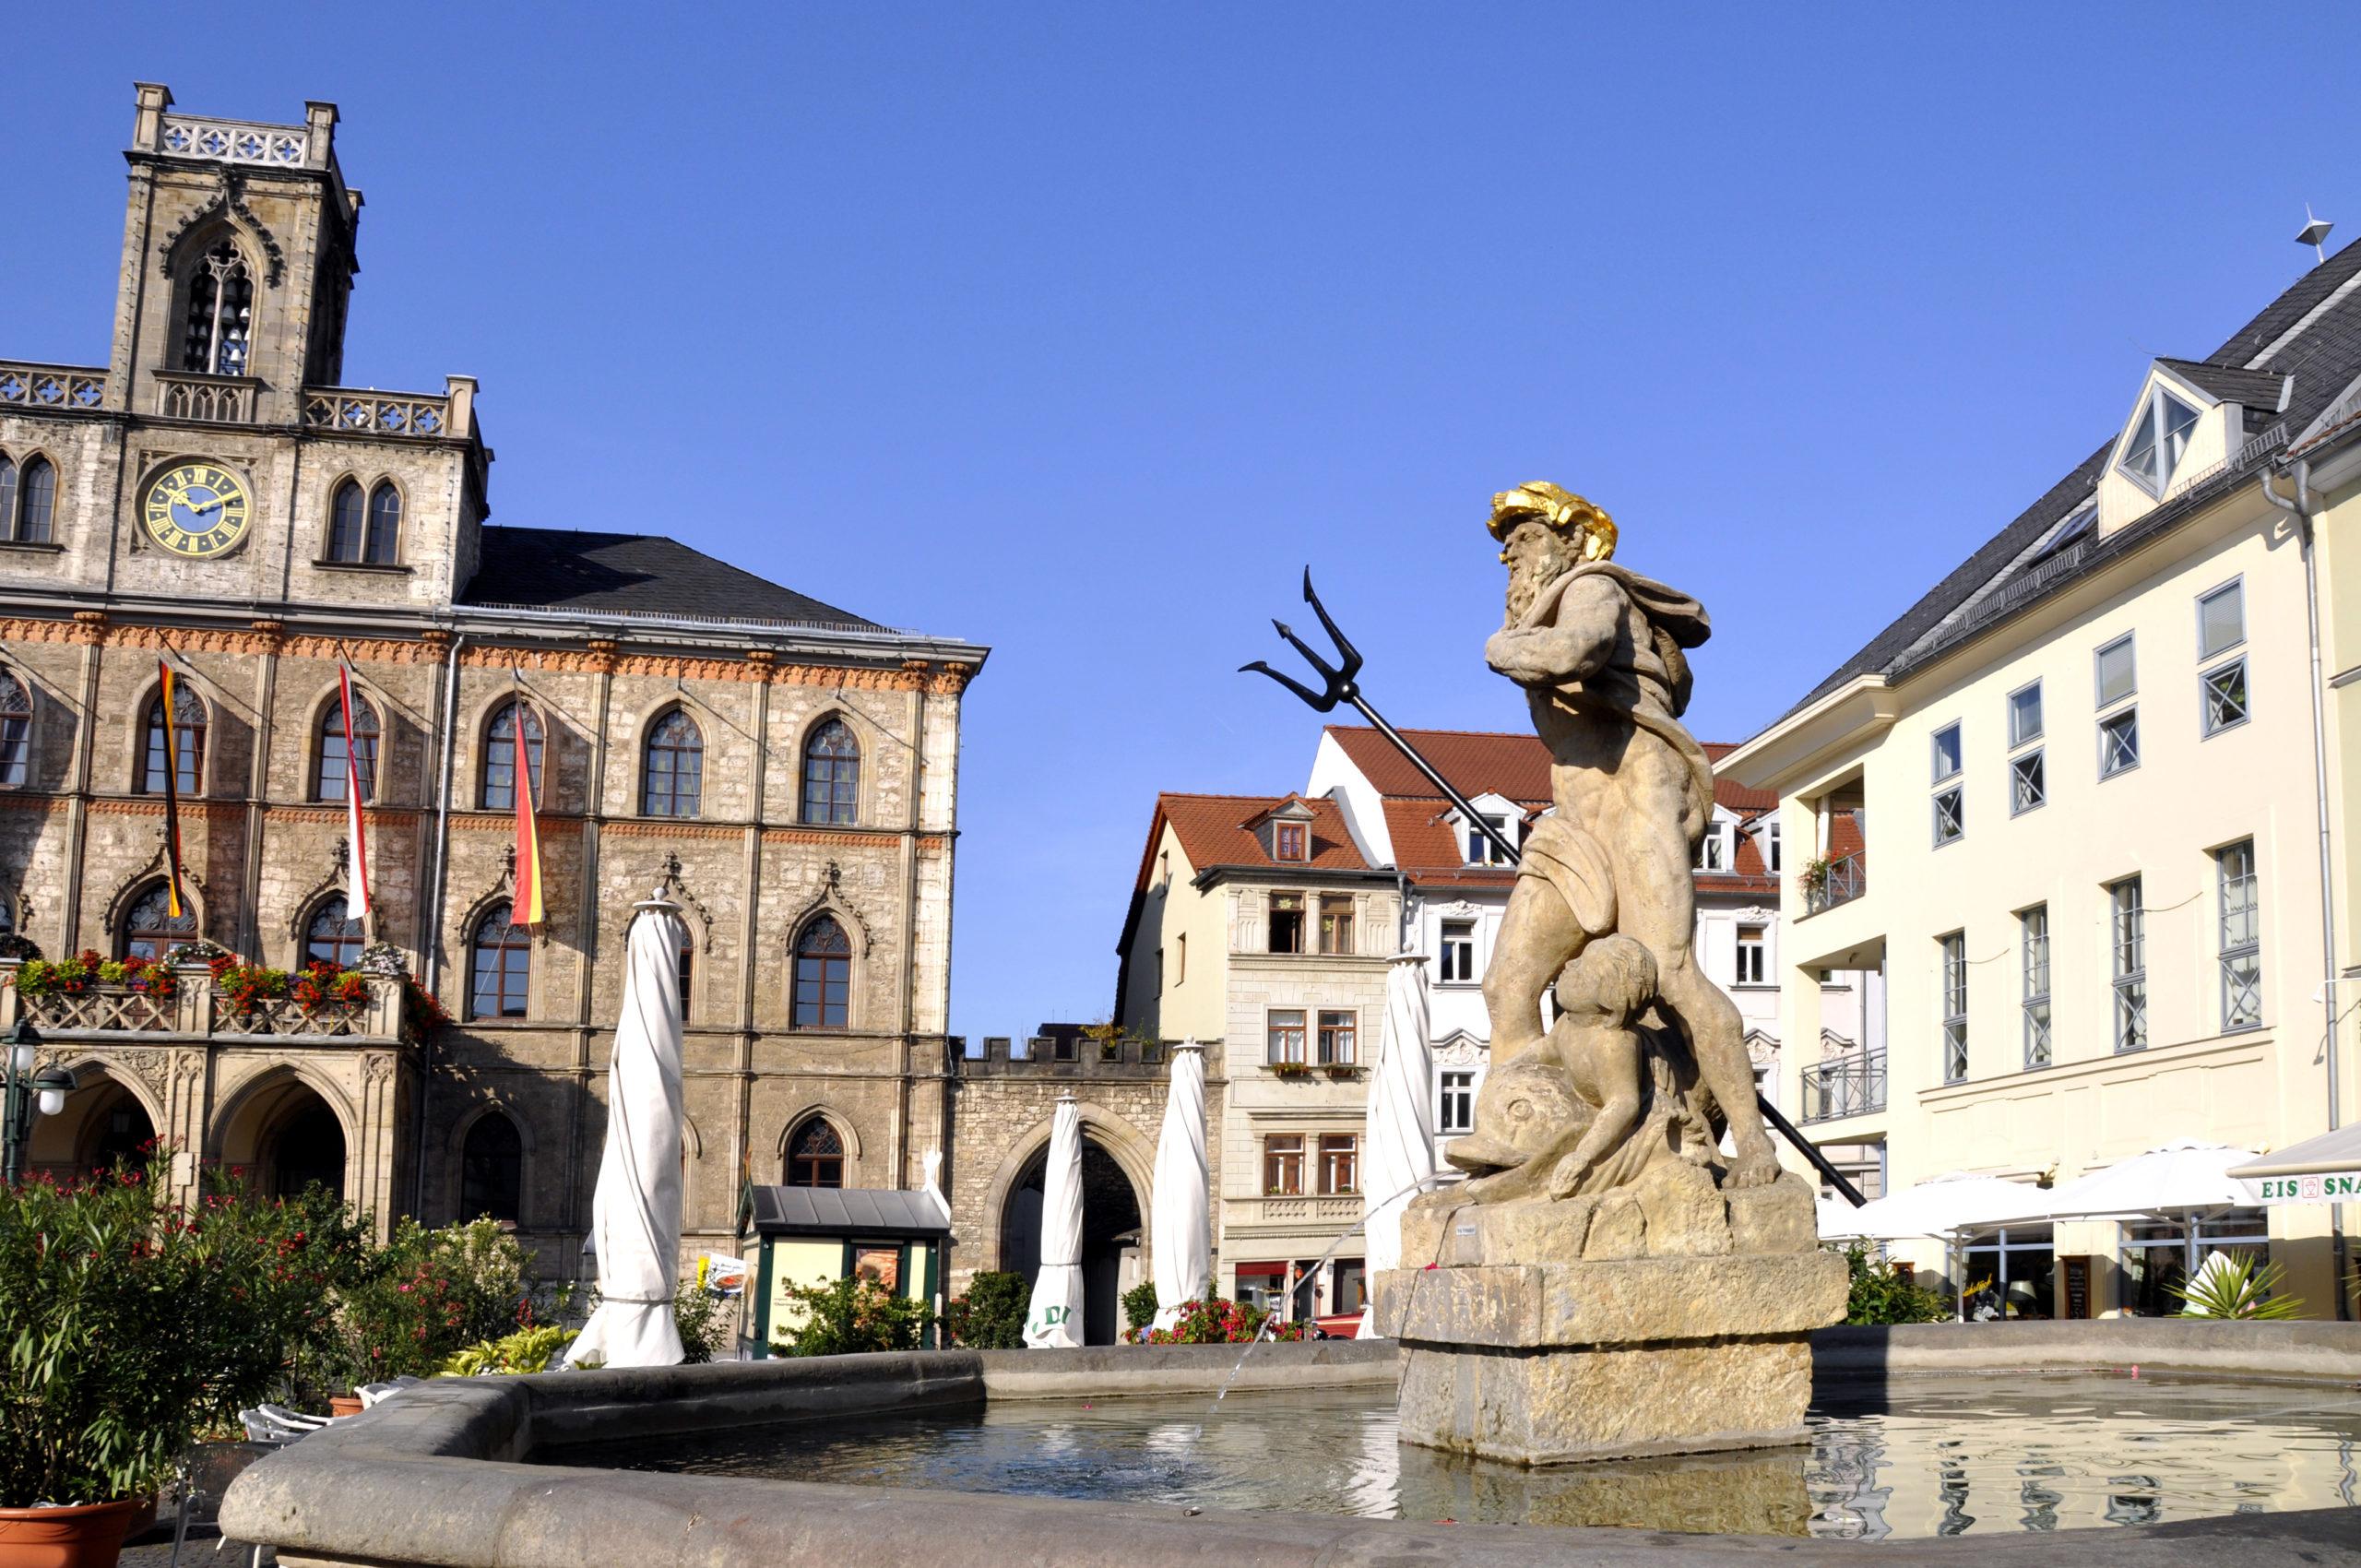 Sommerurlaub Ostdeutschland: Weimar Rathaus Markt mit Neptunbrunnen